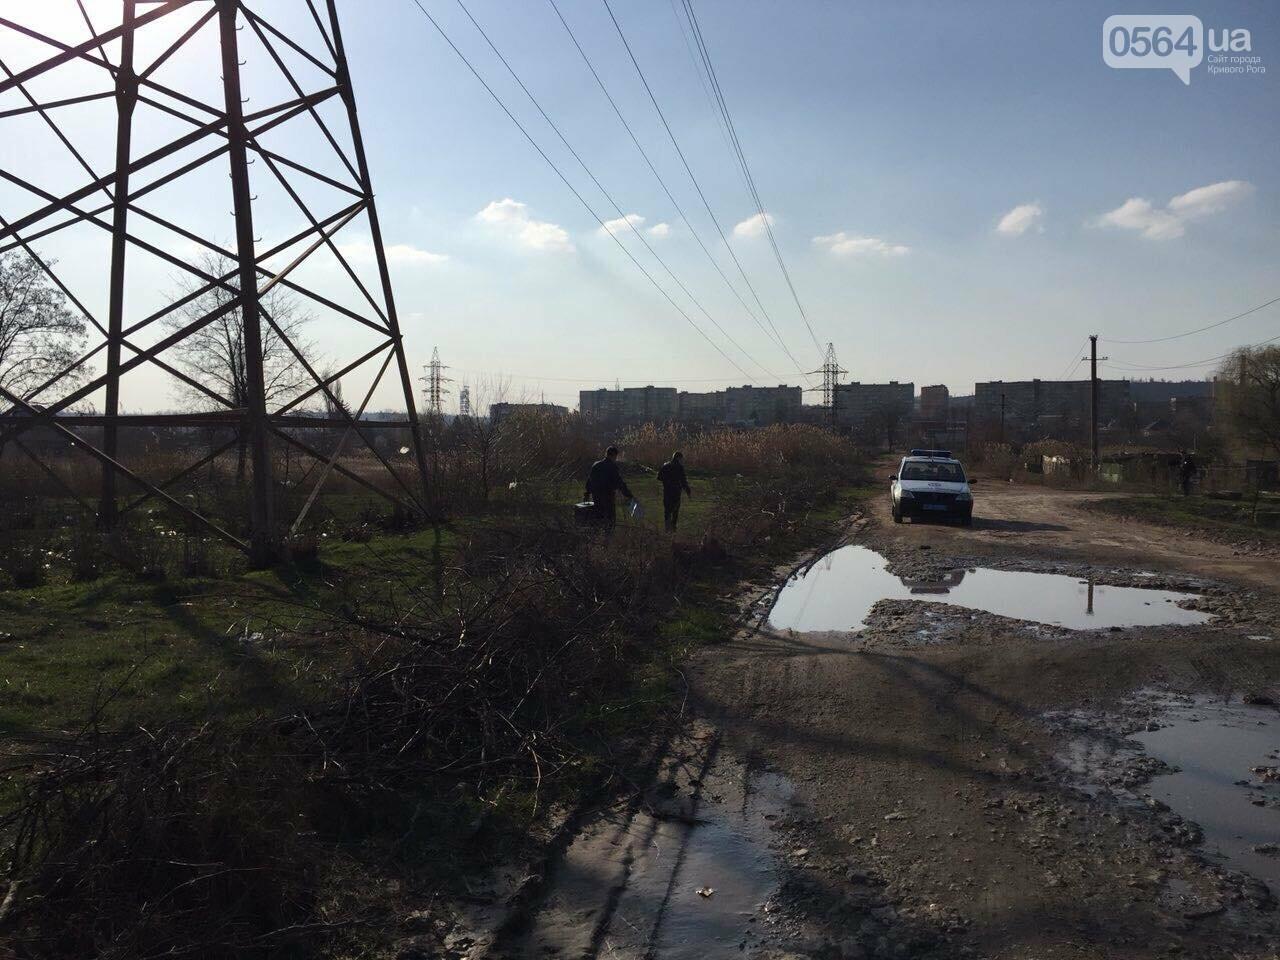 В Кривом Роге на болоте обнаружили труп мужчины (ФОТО 18+), фото-3